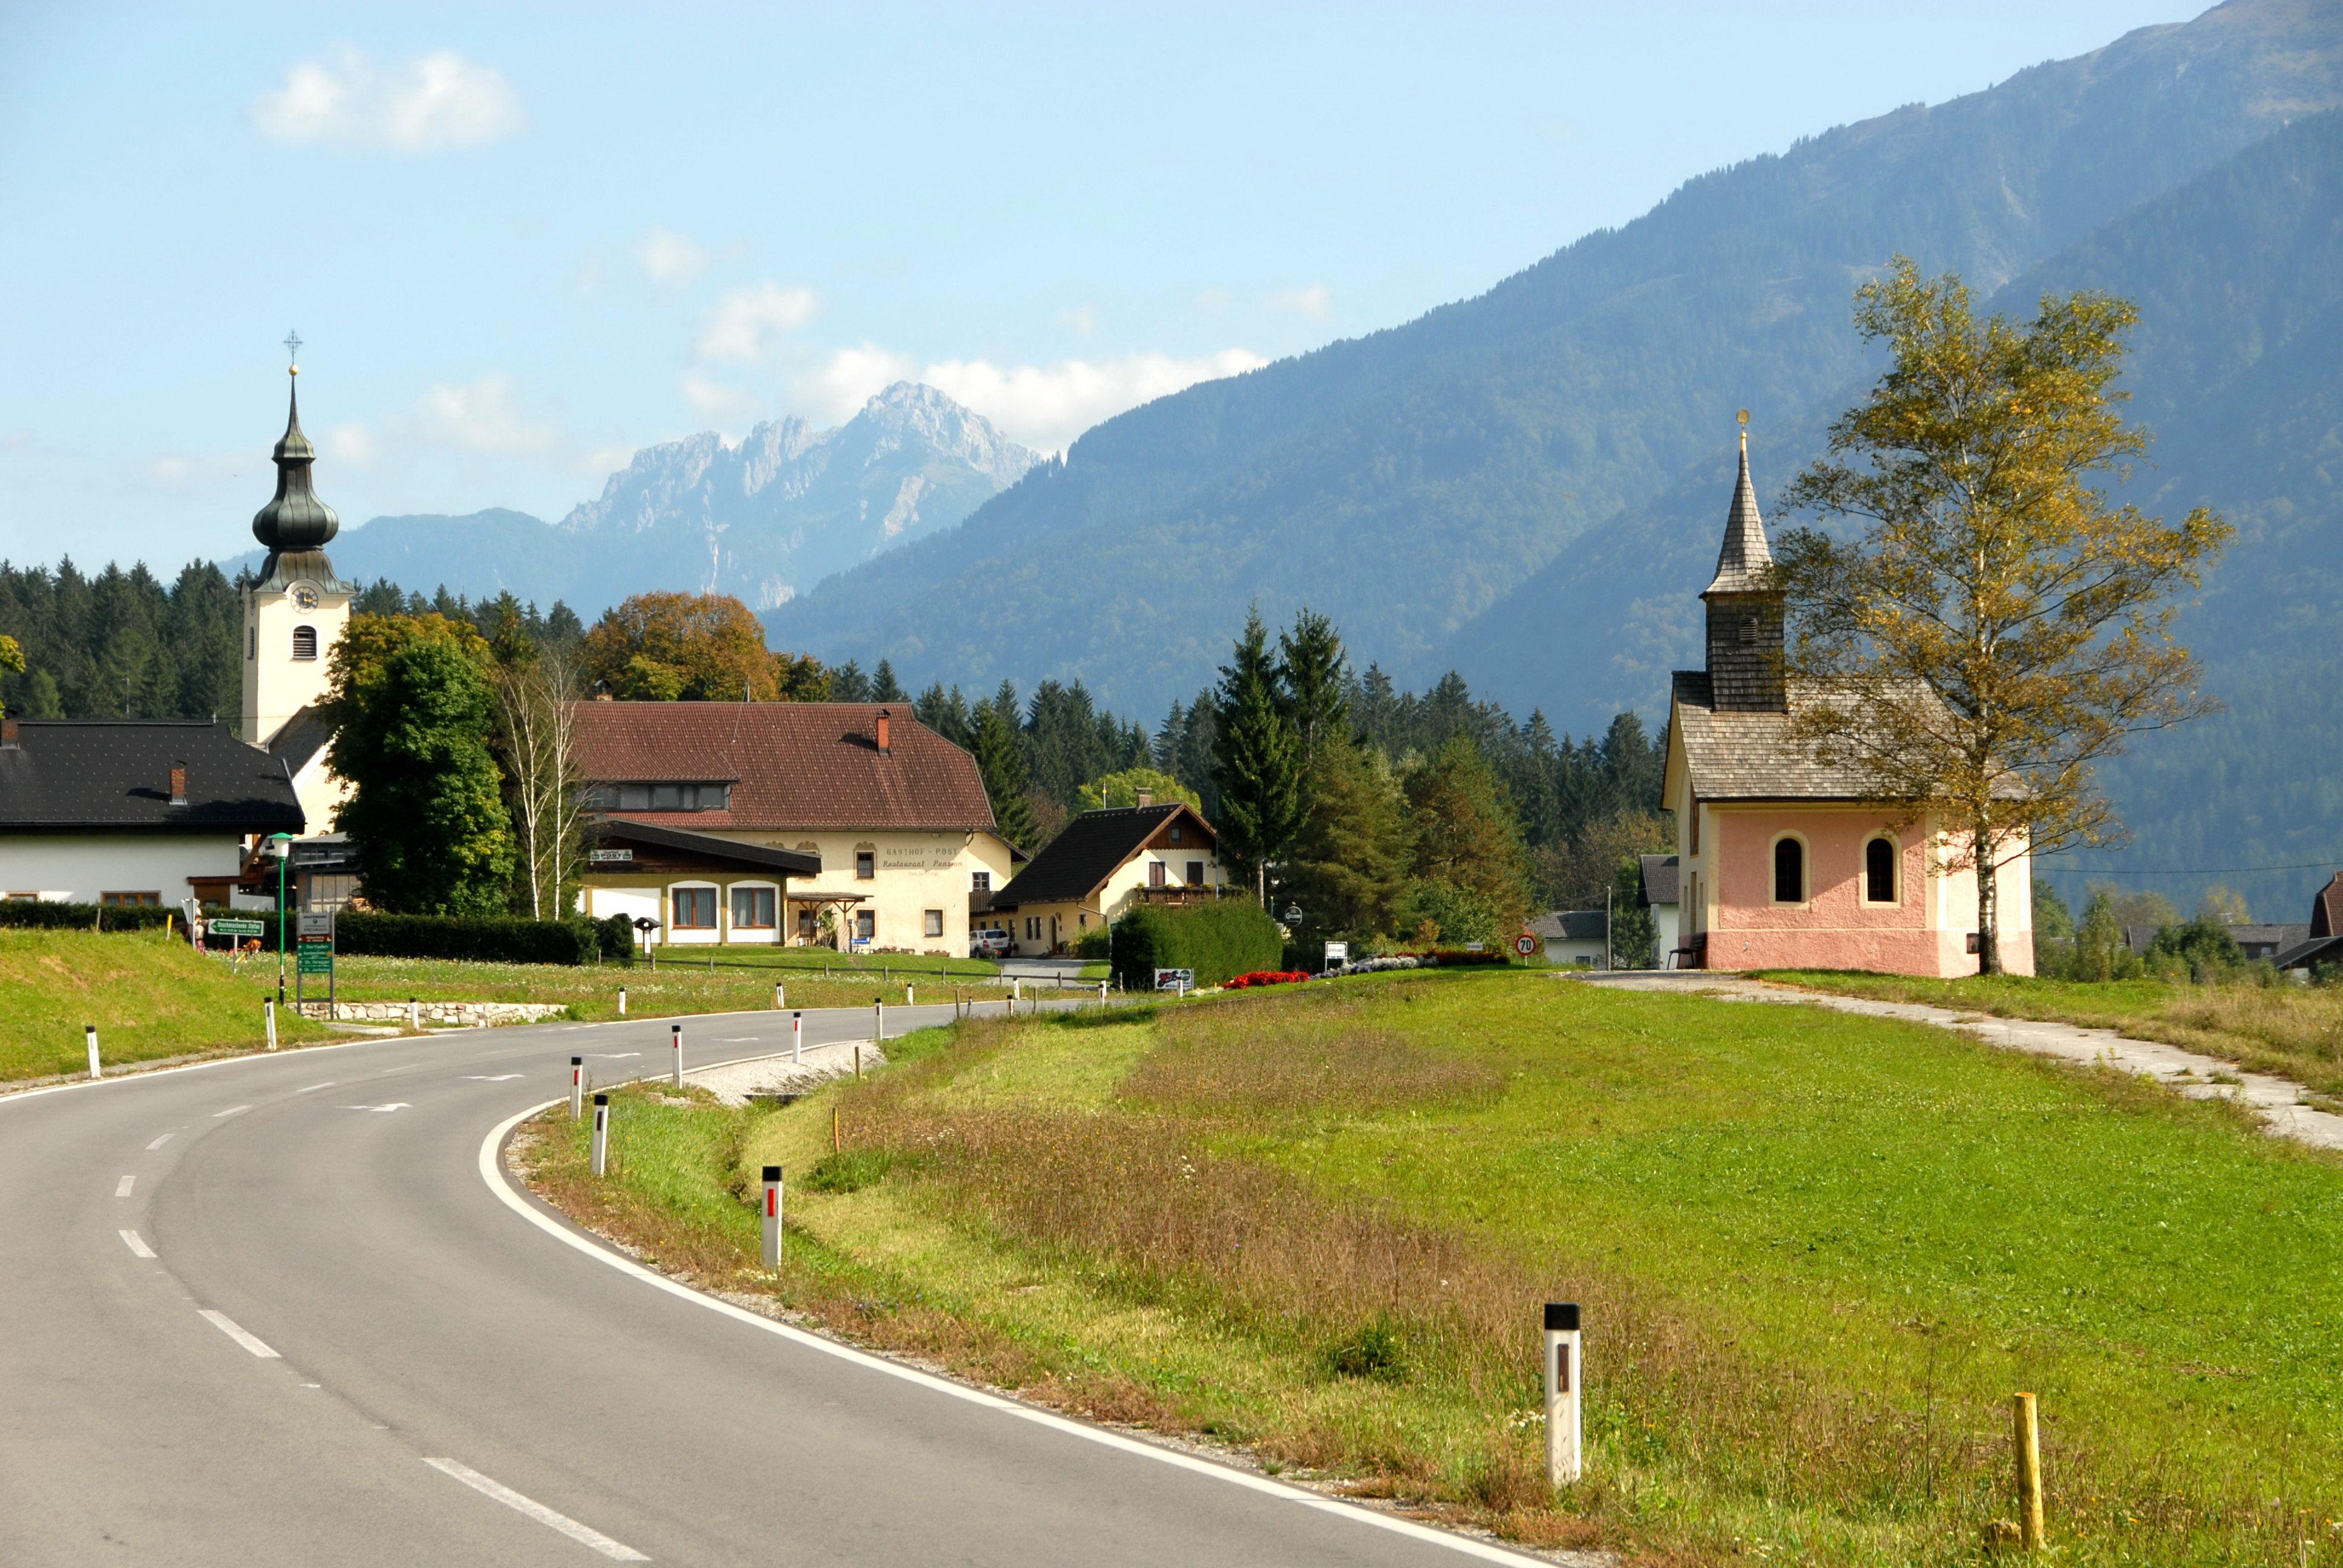 Kirchbach   Krnten: Rk. Dizese Gurk   sterreich   Matricula